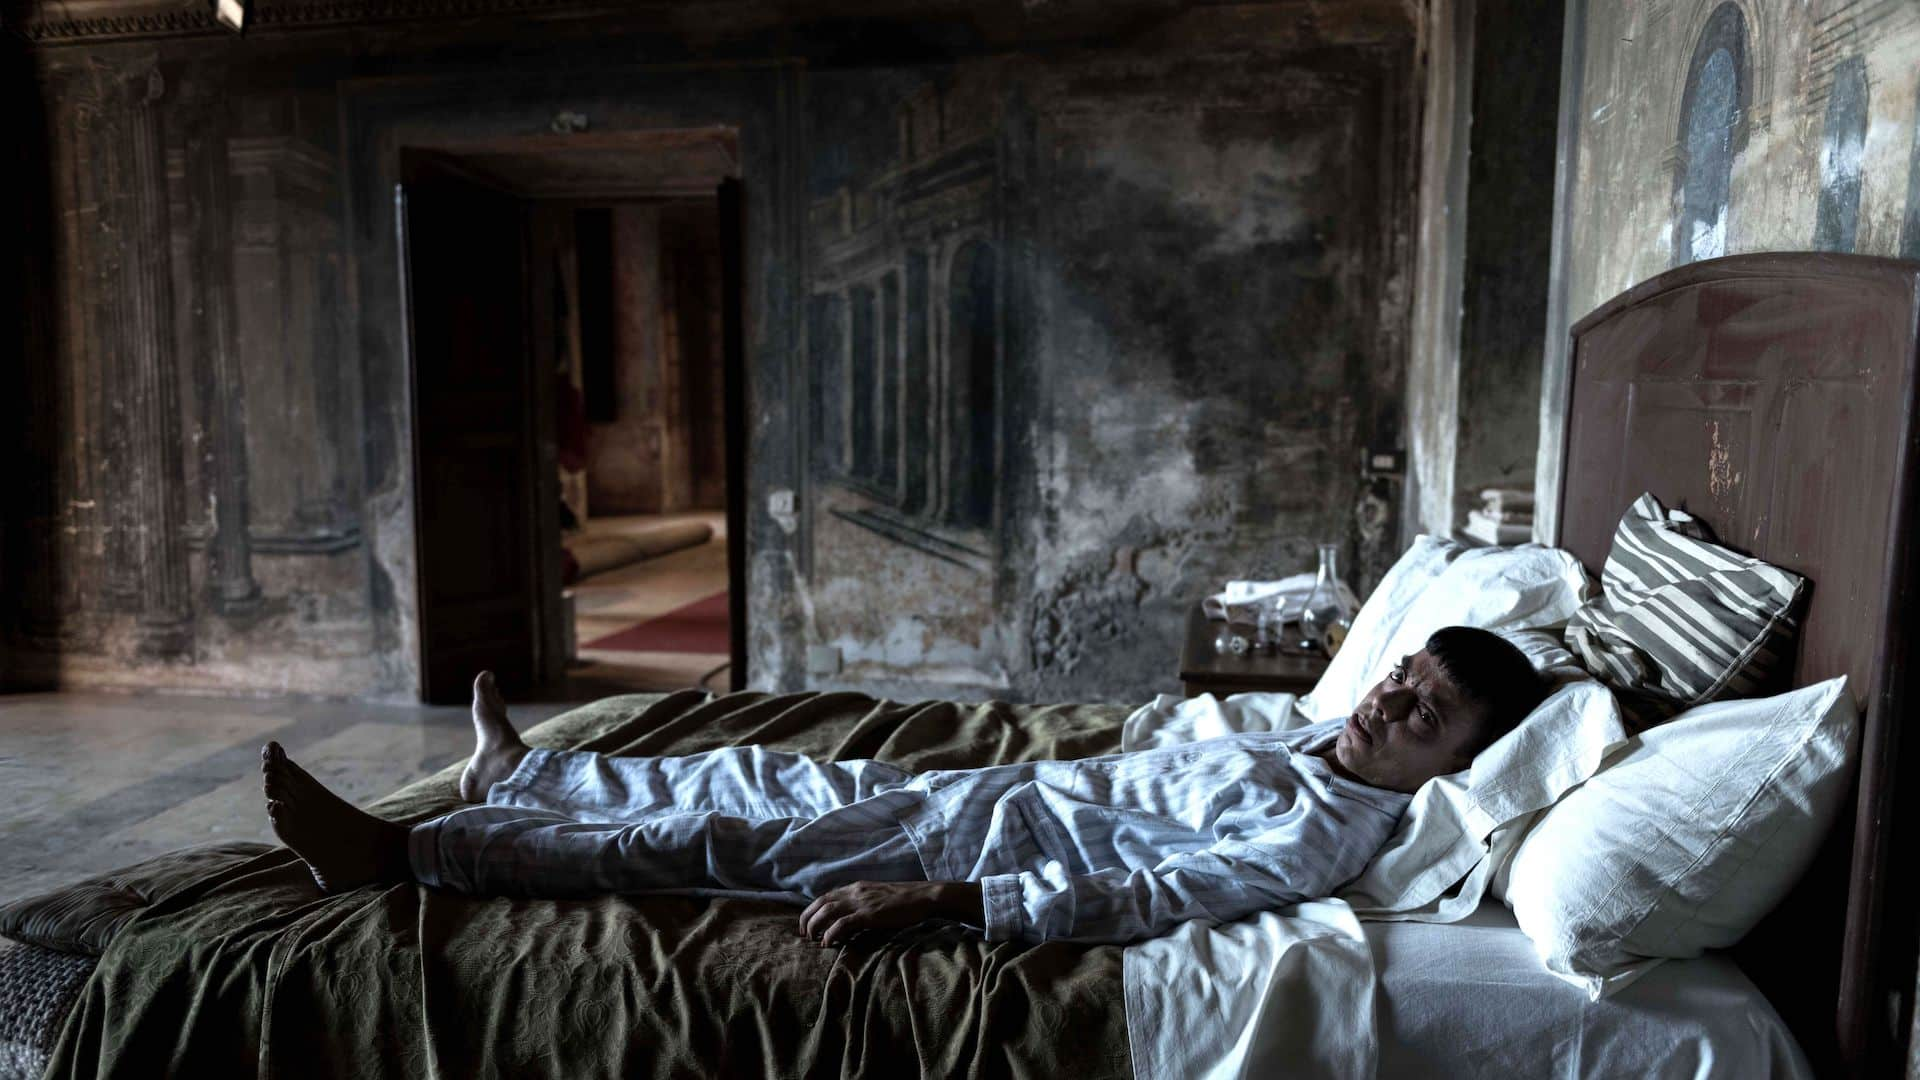 'El señor diablo' Pupi Avati realiza un film con lo mejor del cine gótico y el terror